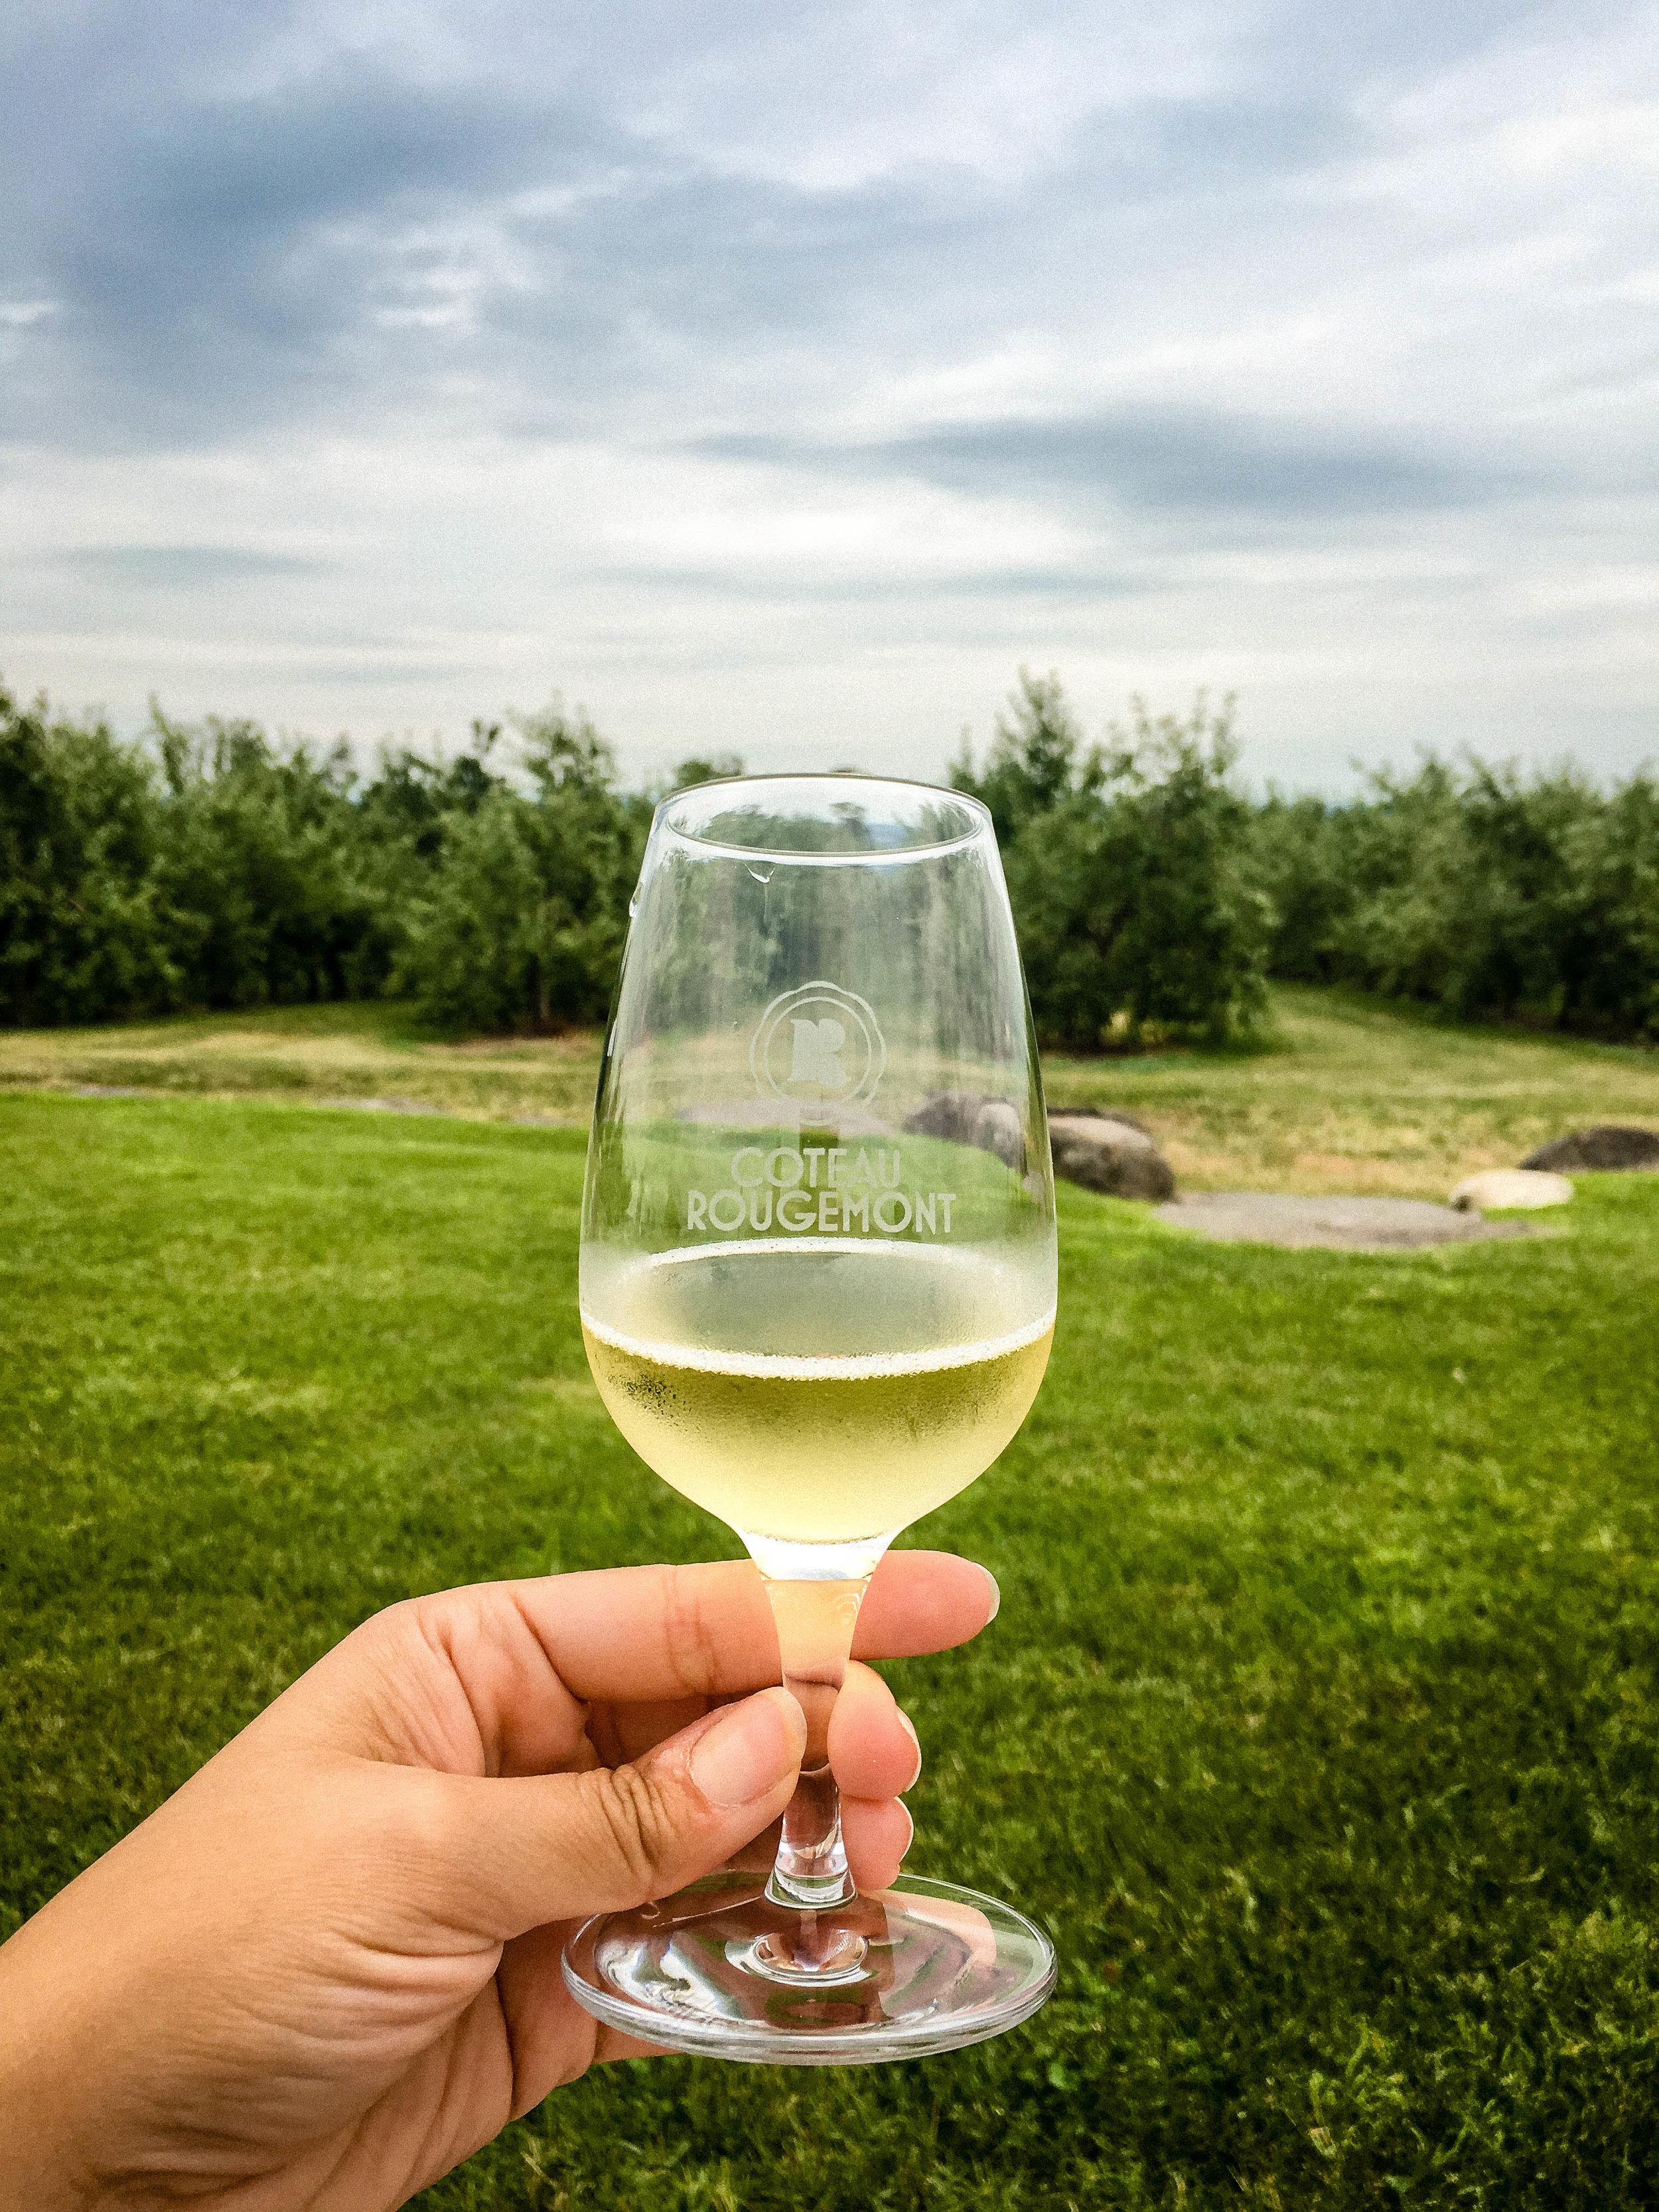 Sparkling cider at Coteau Rougemont